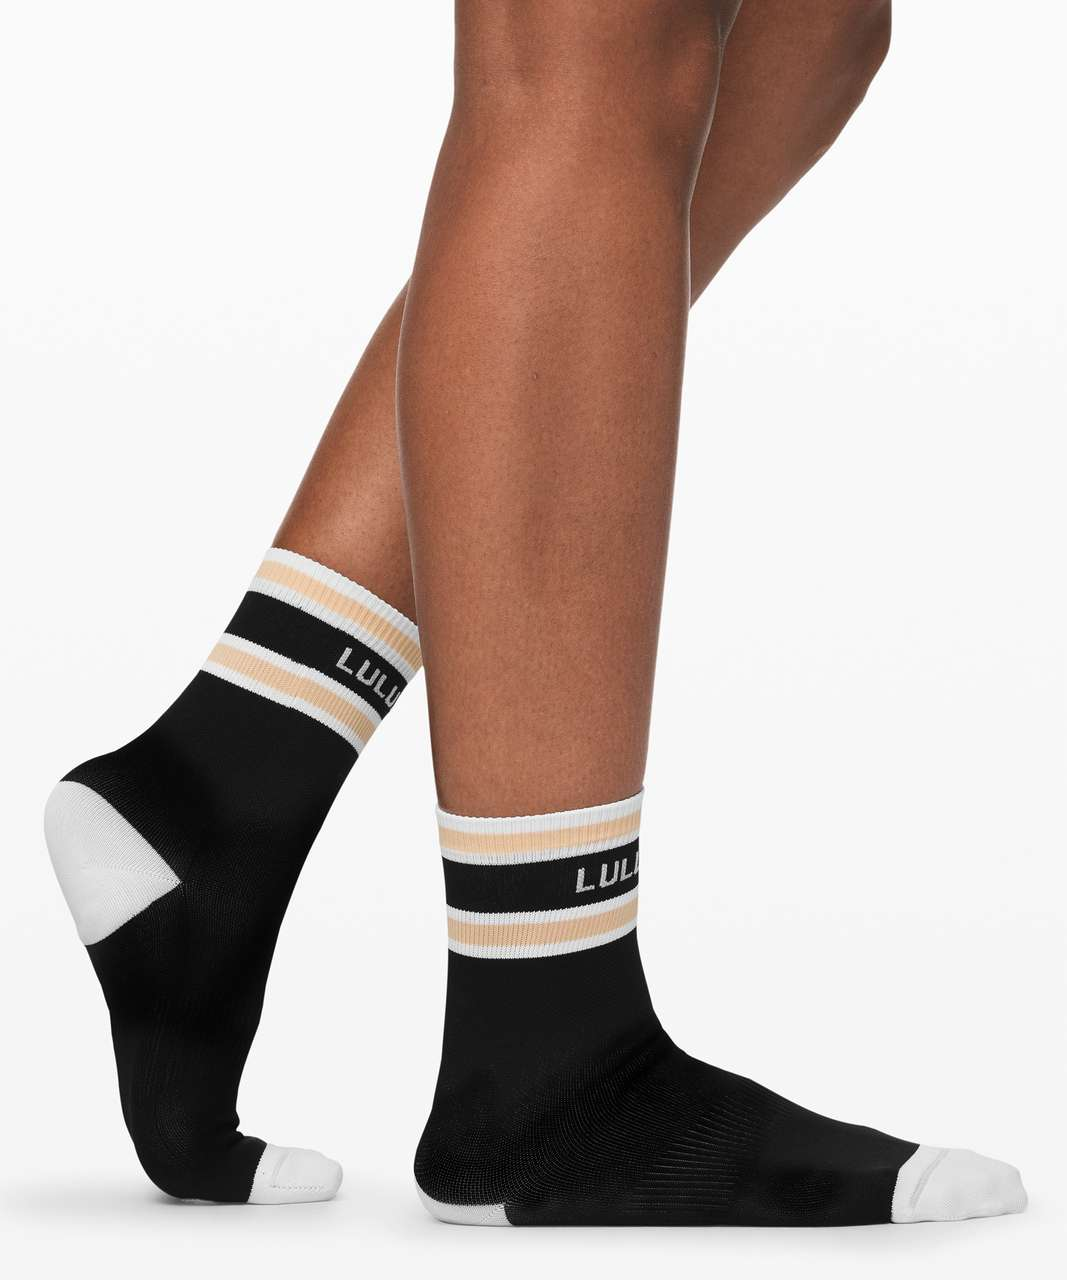 Lululemon Tale To Tell Quarter Sock *2 Pack - White / Ivory Peach / Black